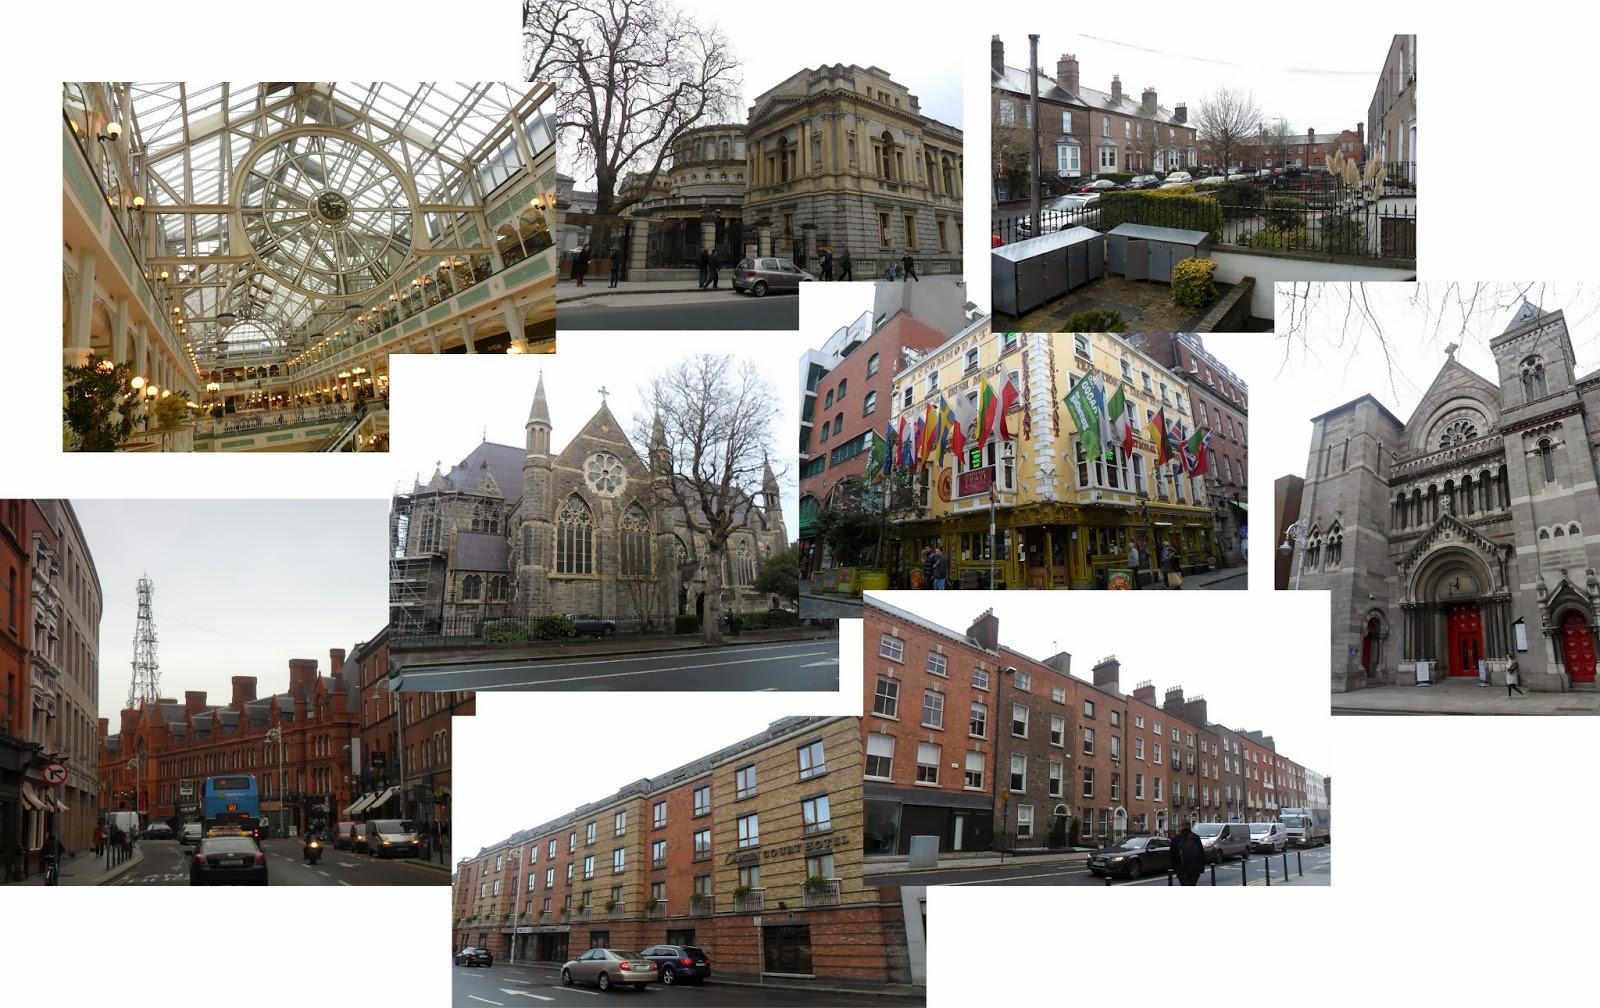 Dublín, mercado, puentes, centro comercial, río, parlamento